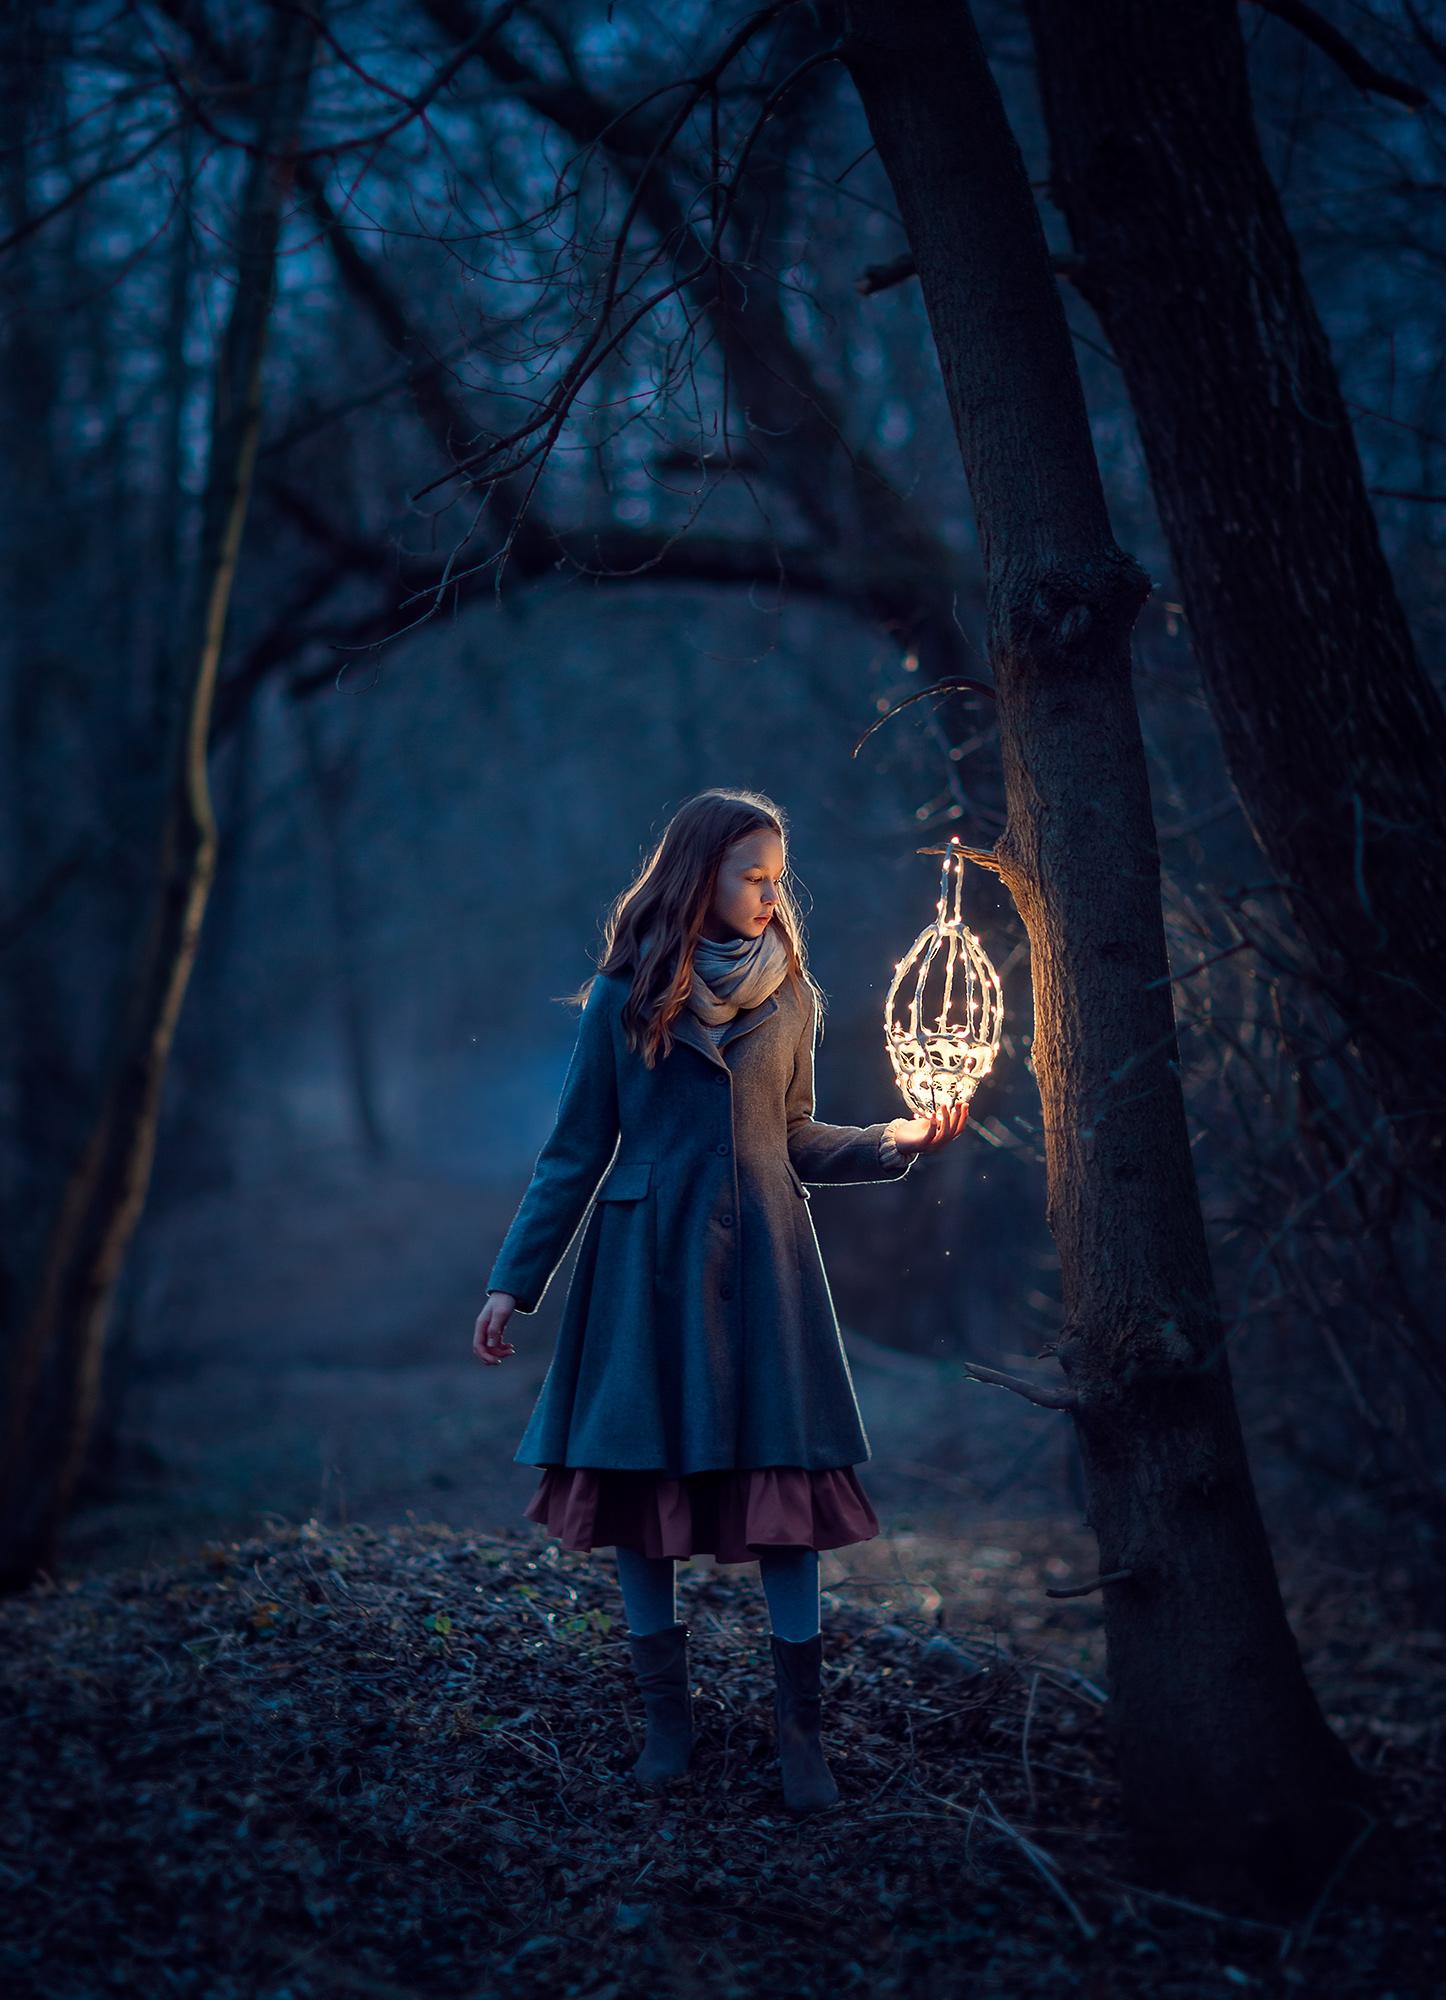 вечерняя фотосессия для девочки в парке. Фотограф Москва